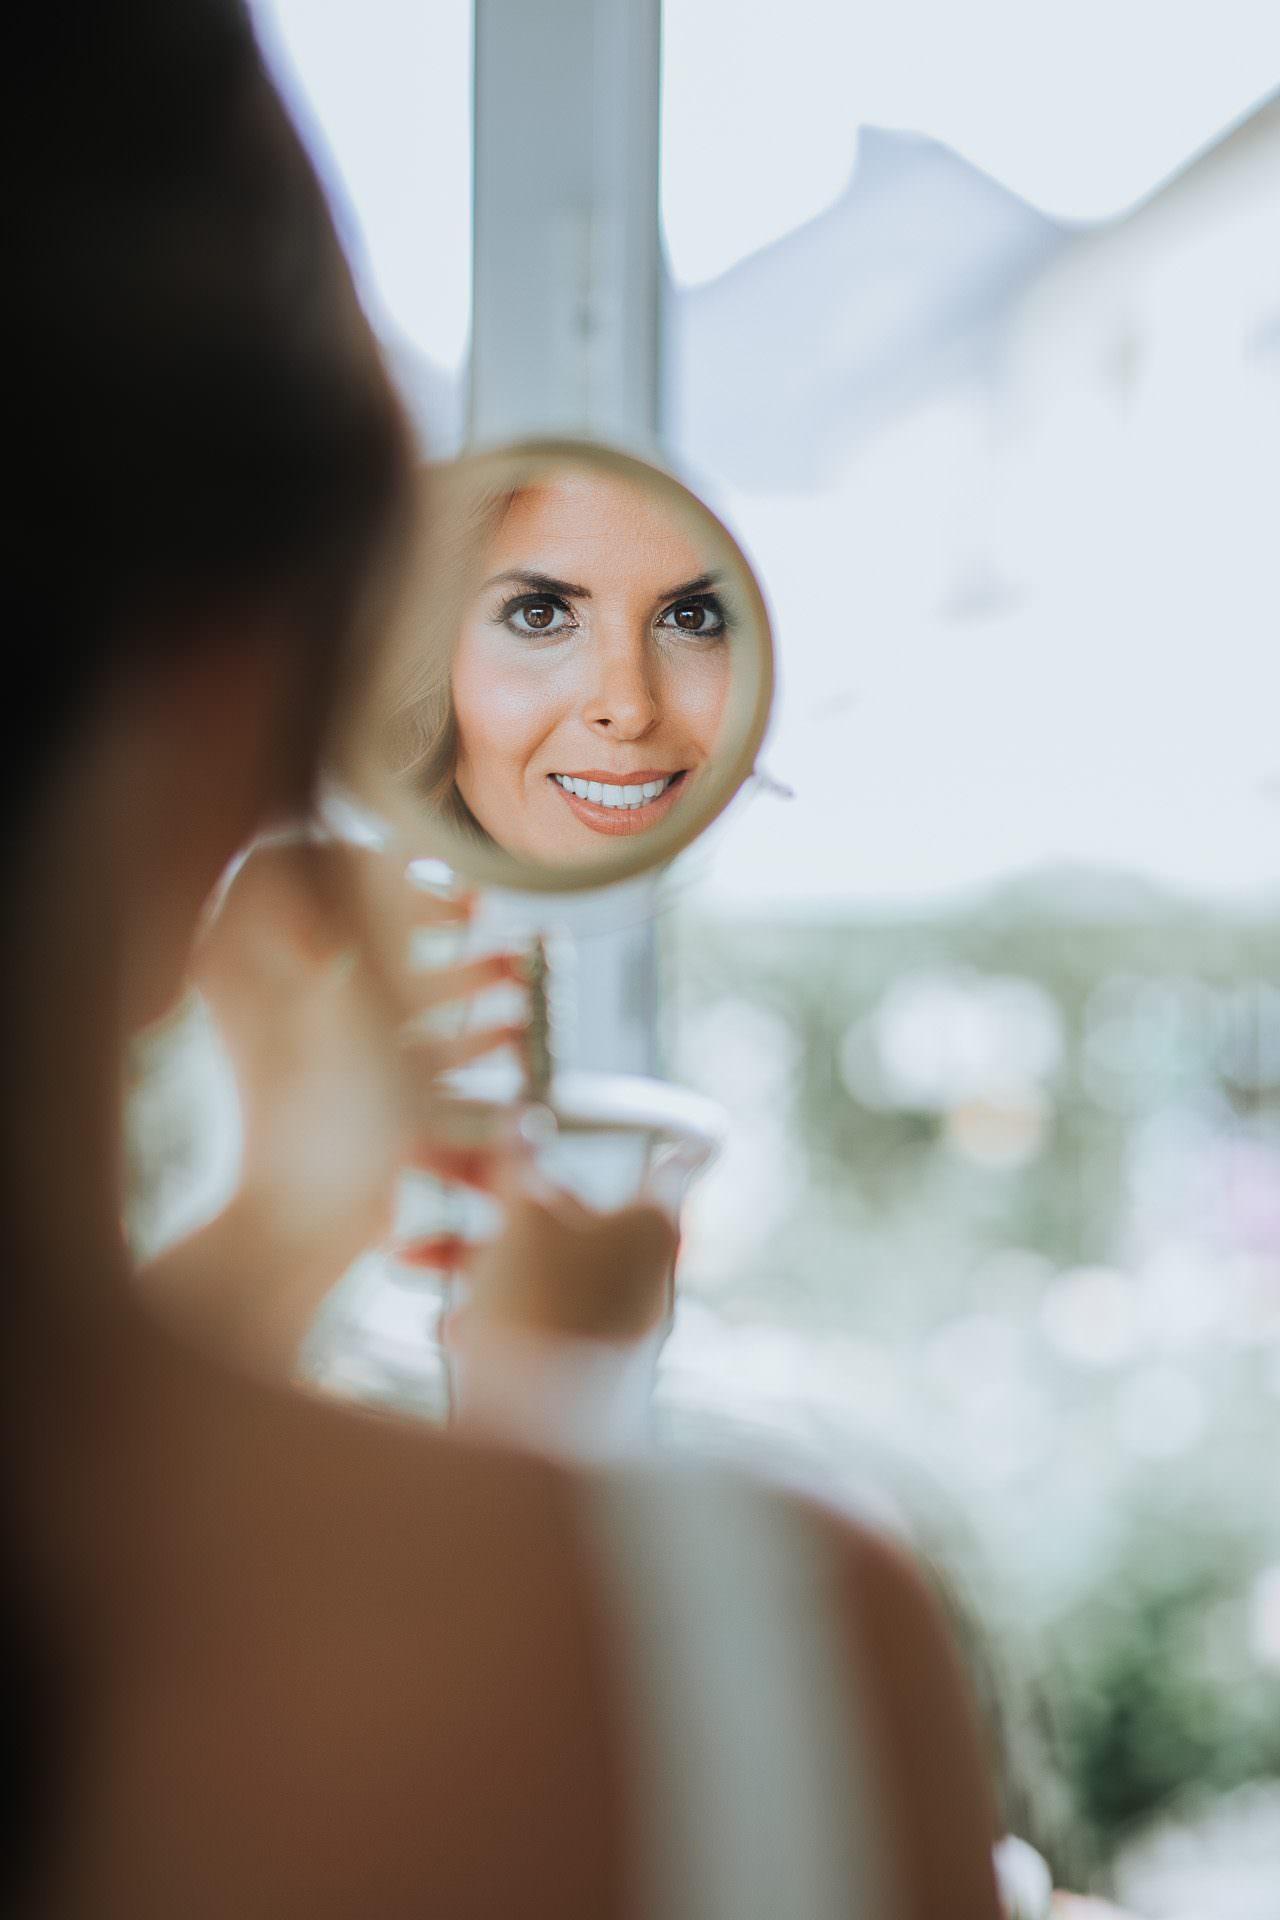 Janine schaut in den Fotografen in einem Handspiegel an